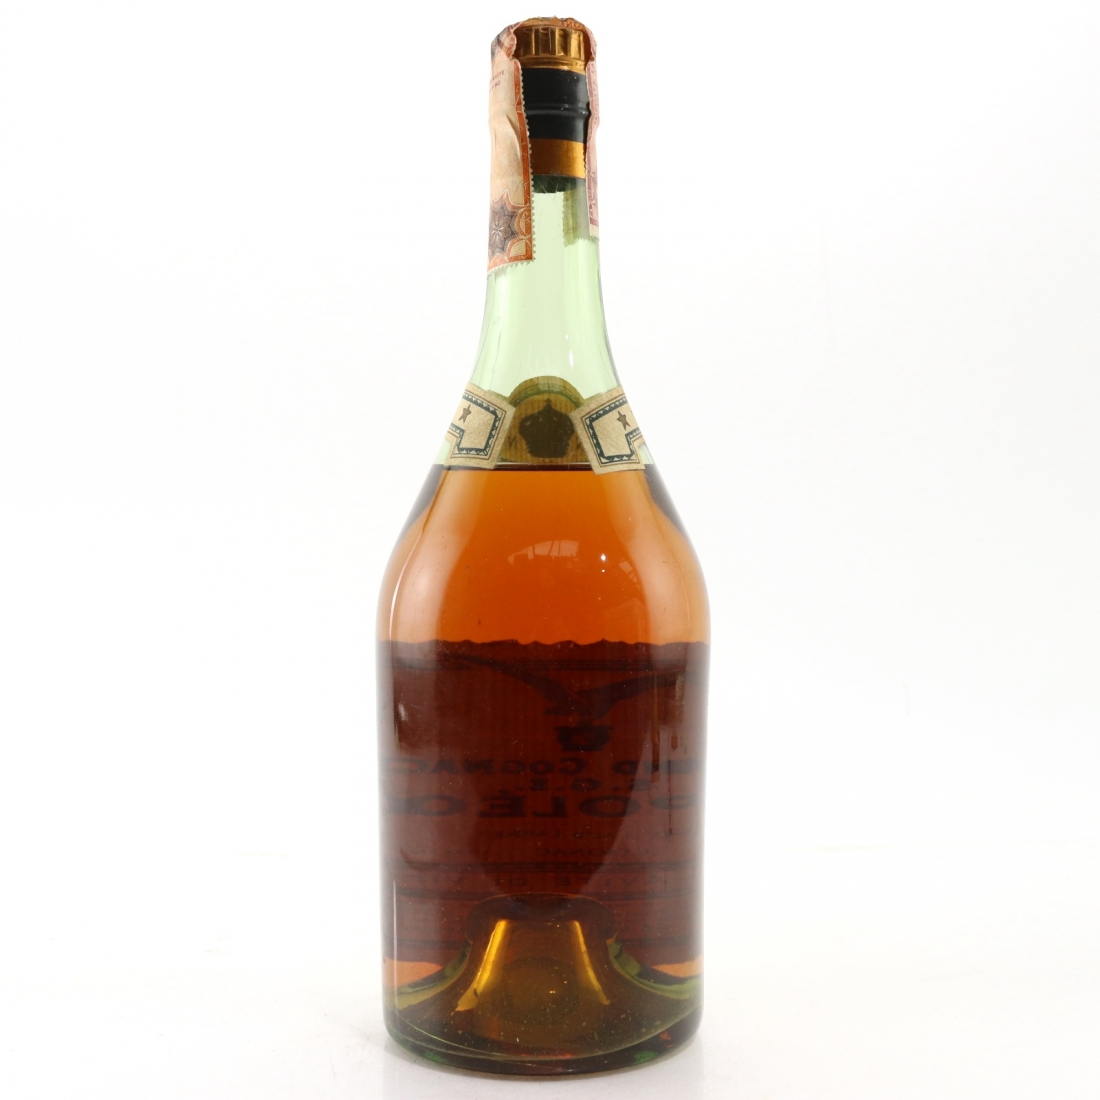 J. Rullaud-Larret Grand Napoleon Cognac 1960s